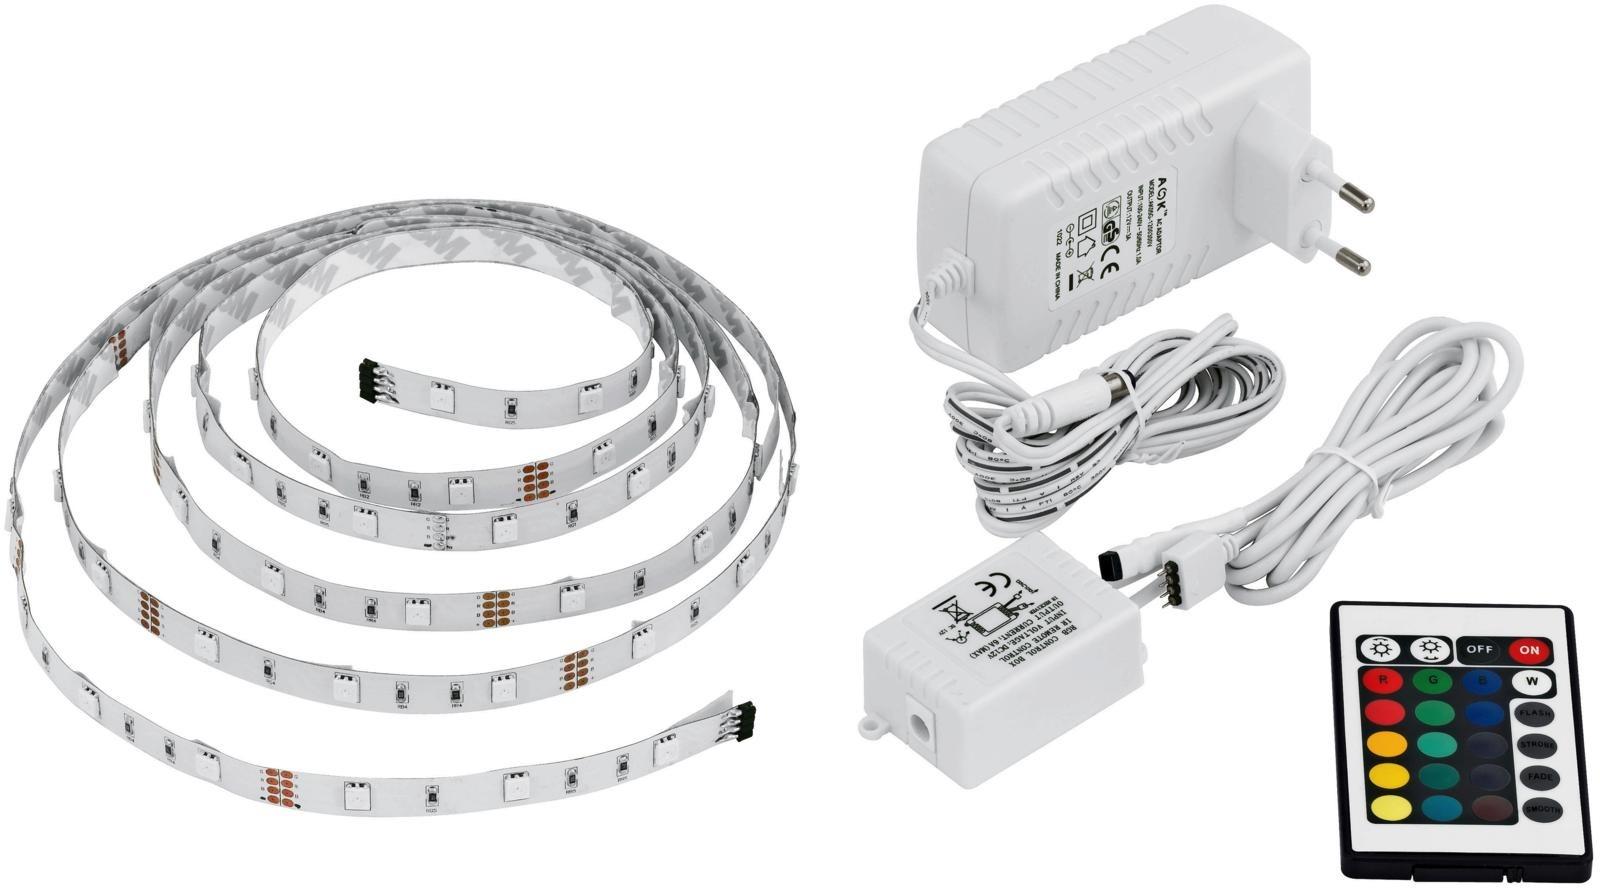 LED-valonauhan avulla valaiset tilat niin sisällä kuin ulkonakin